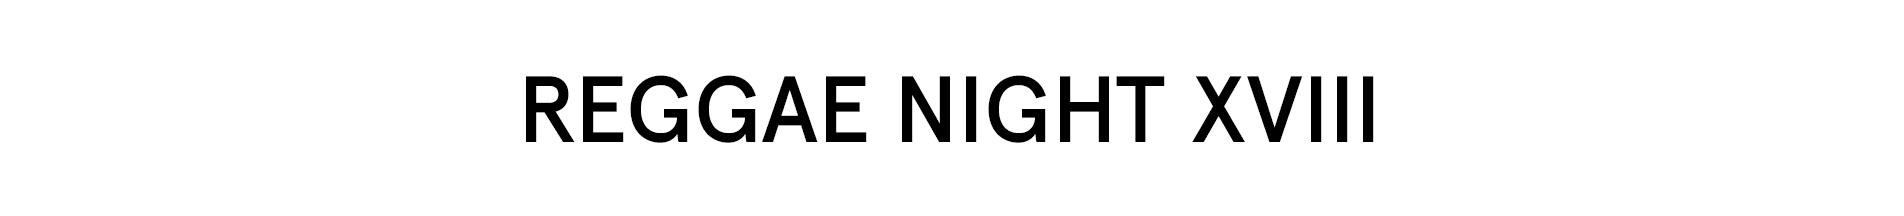 Reggae Night XVIII